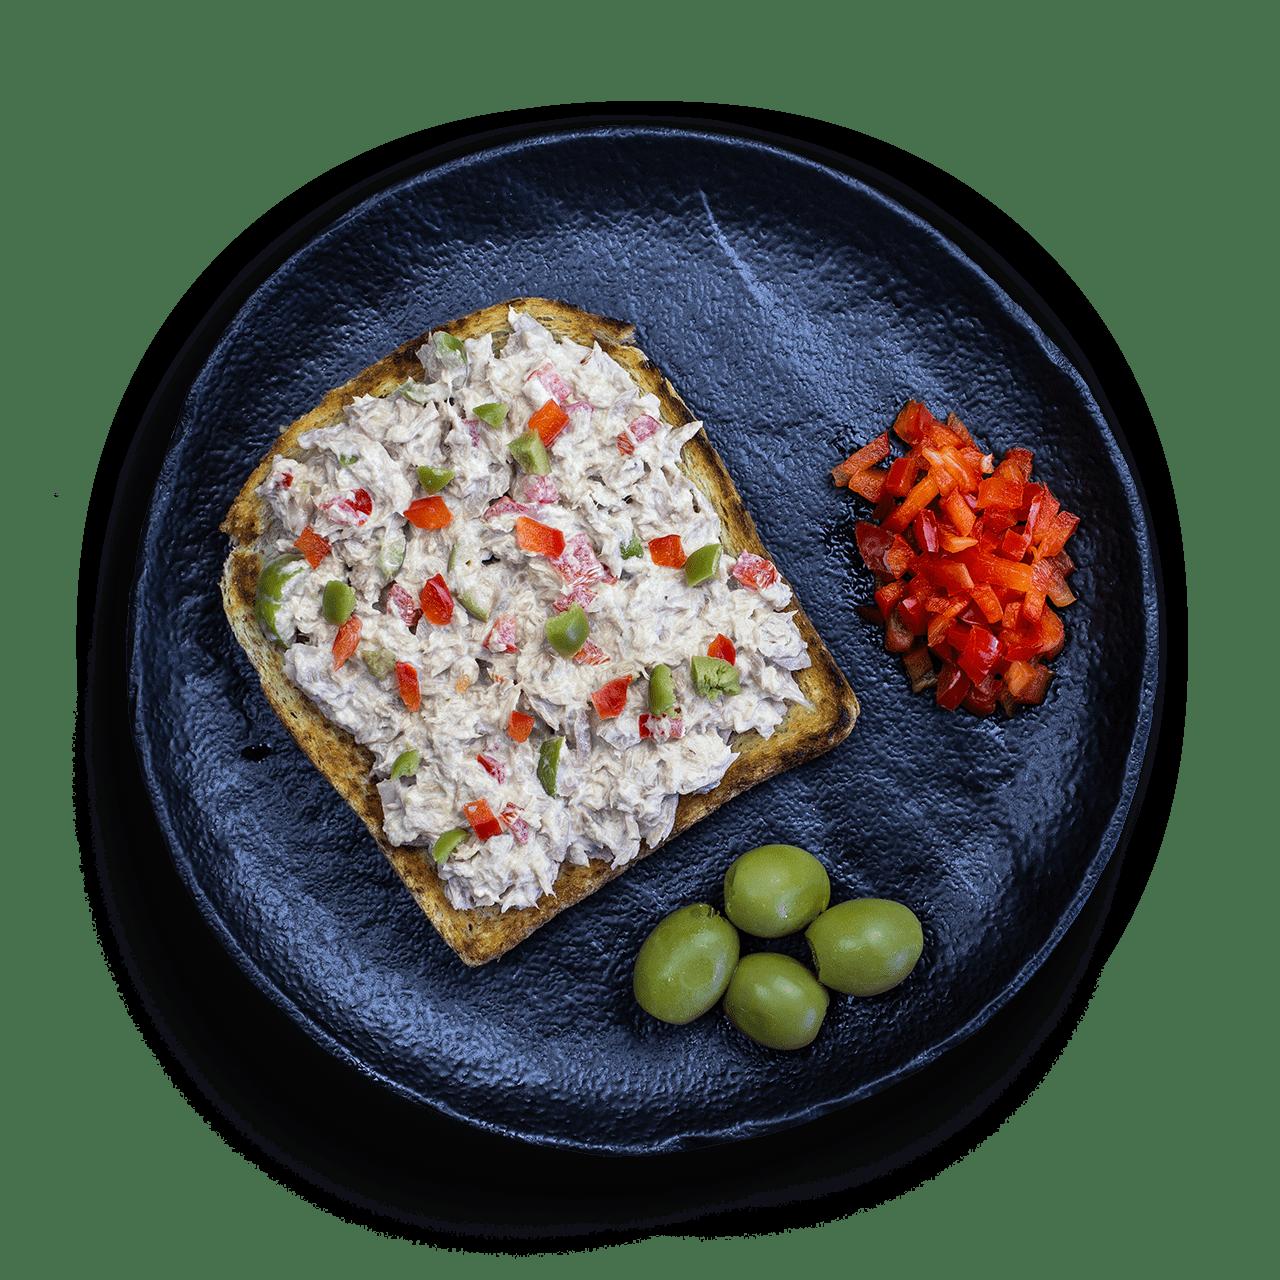 tostibanaan-tonijnsalade-op-toast